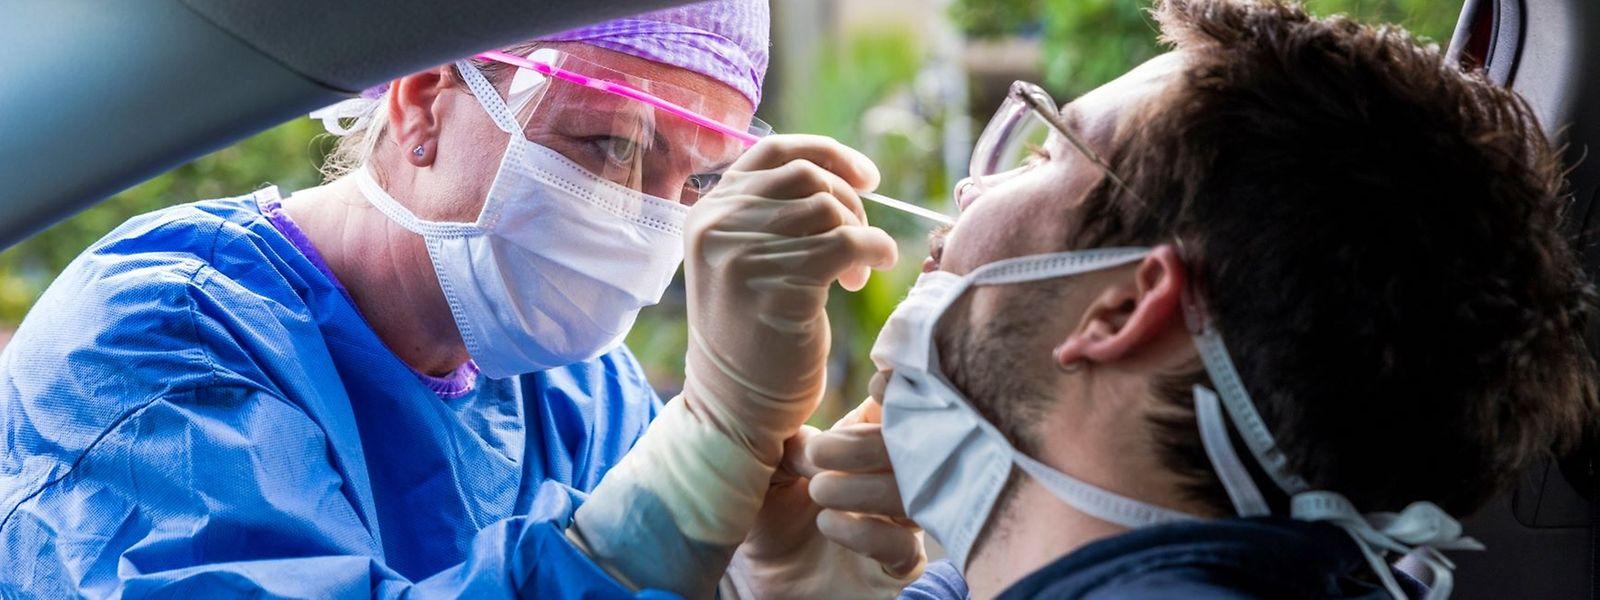 Les 20.000 tests de dépistage quotidiens seront menés dans 17 stations réparties dans le pays.